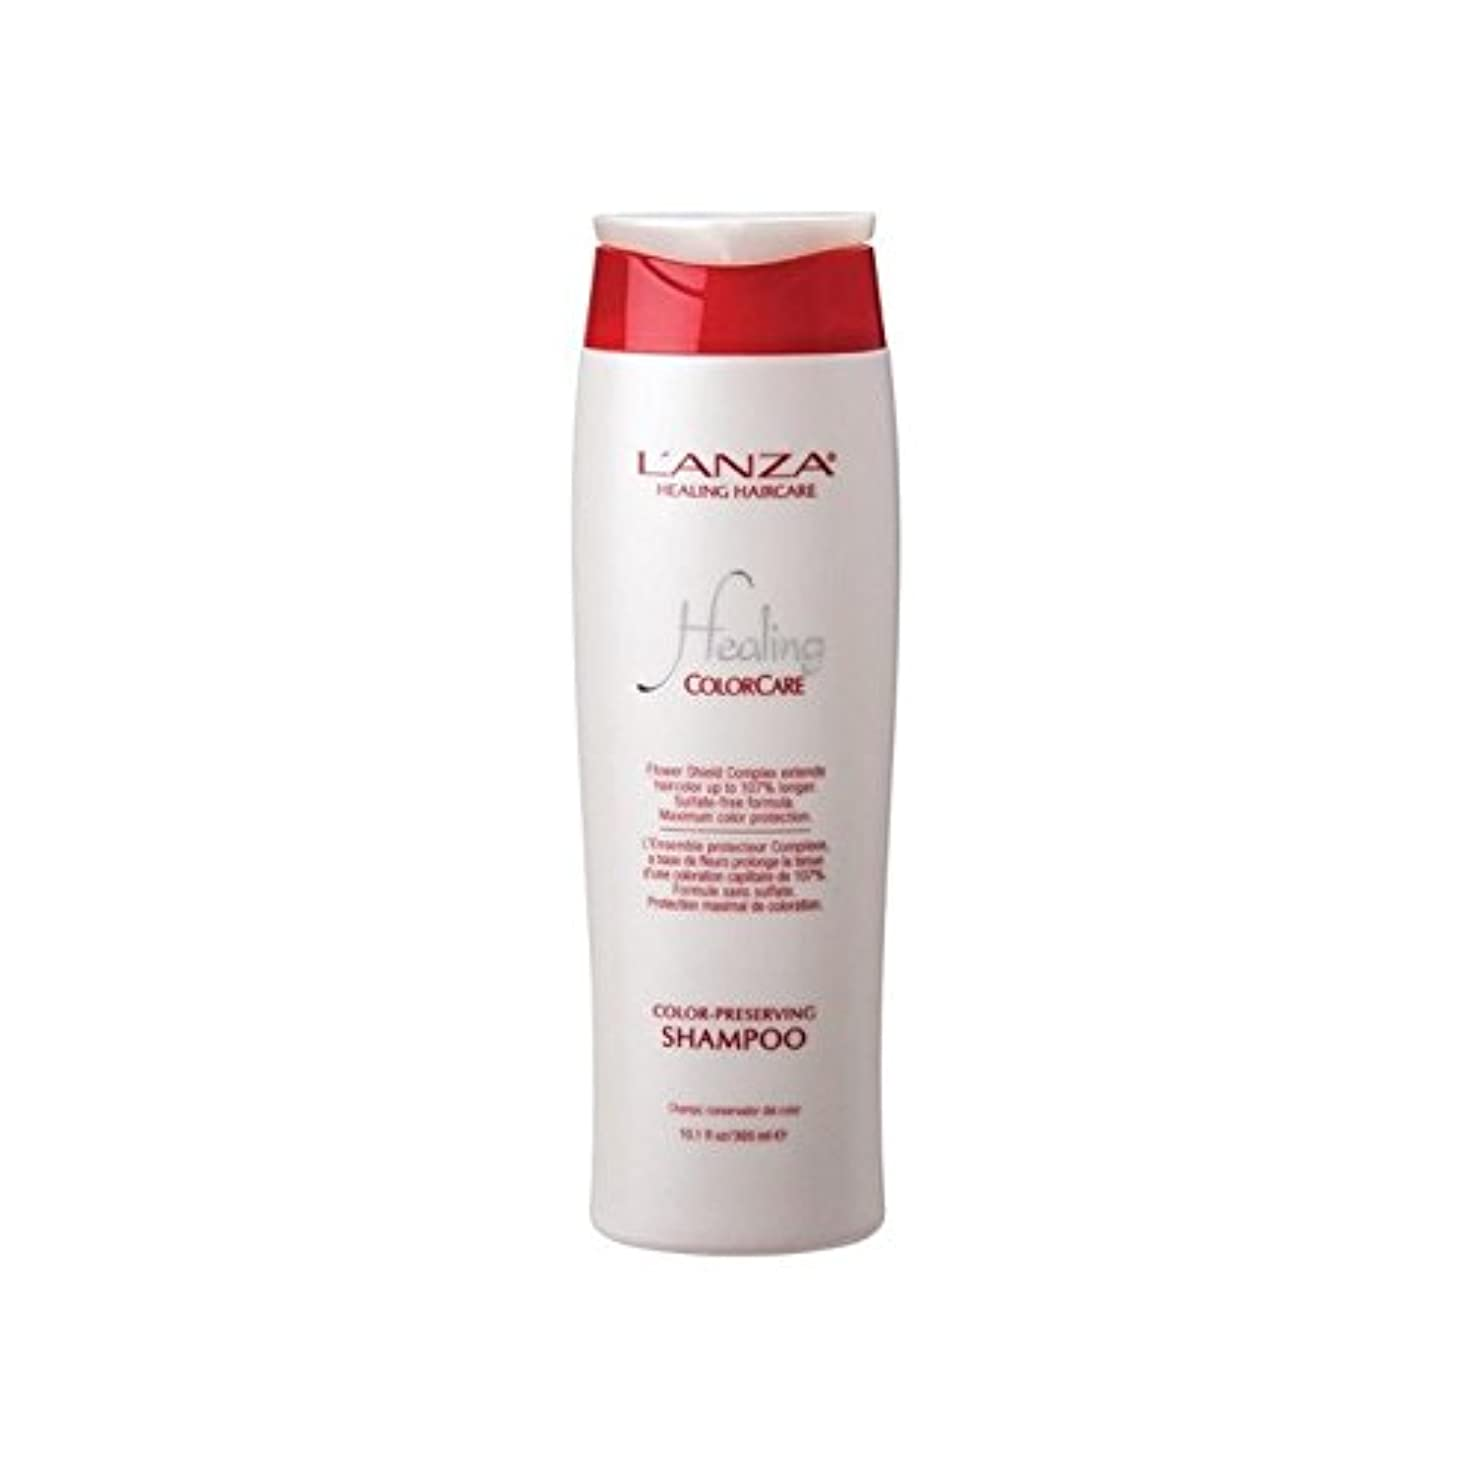 ダメージ識別トリップL'Anza Healing Colorcare Colour Preserving Shampoo (300ml) - アンザ癒しカラーシャンプーを保存(300ミリリットル) [並行輸入品]